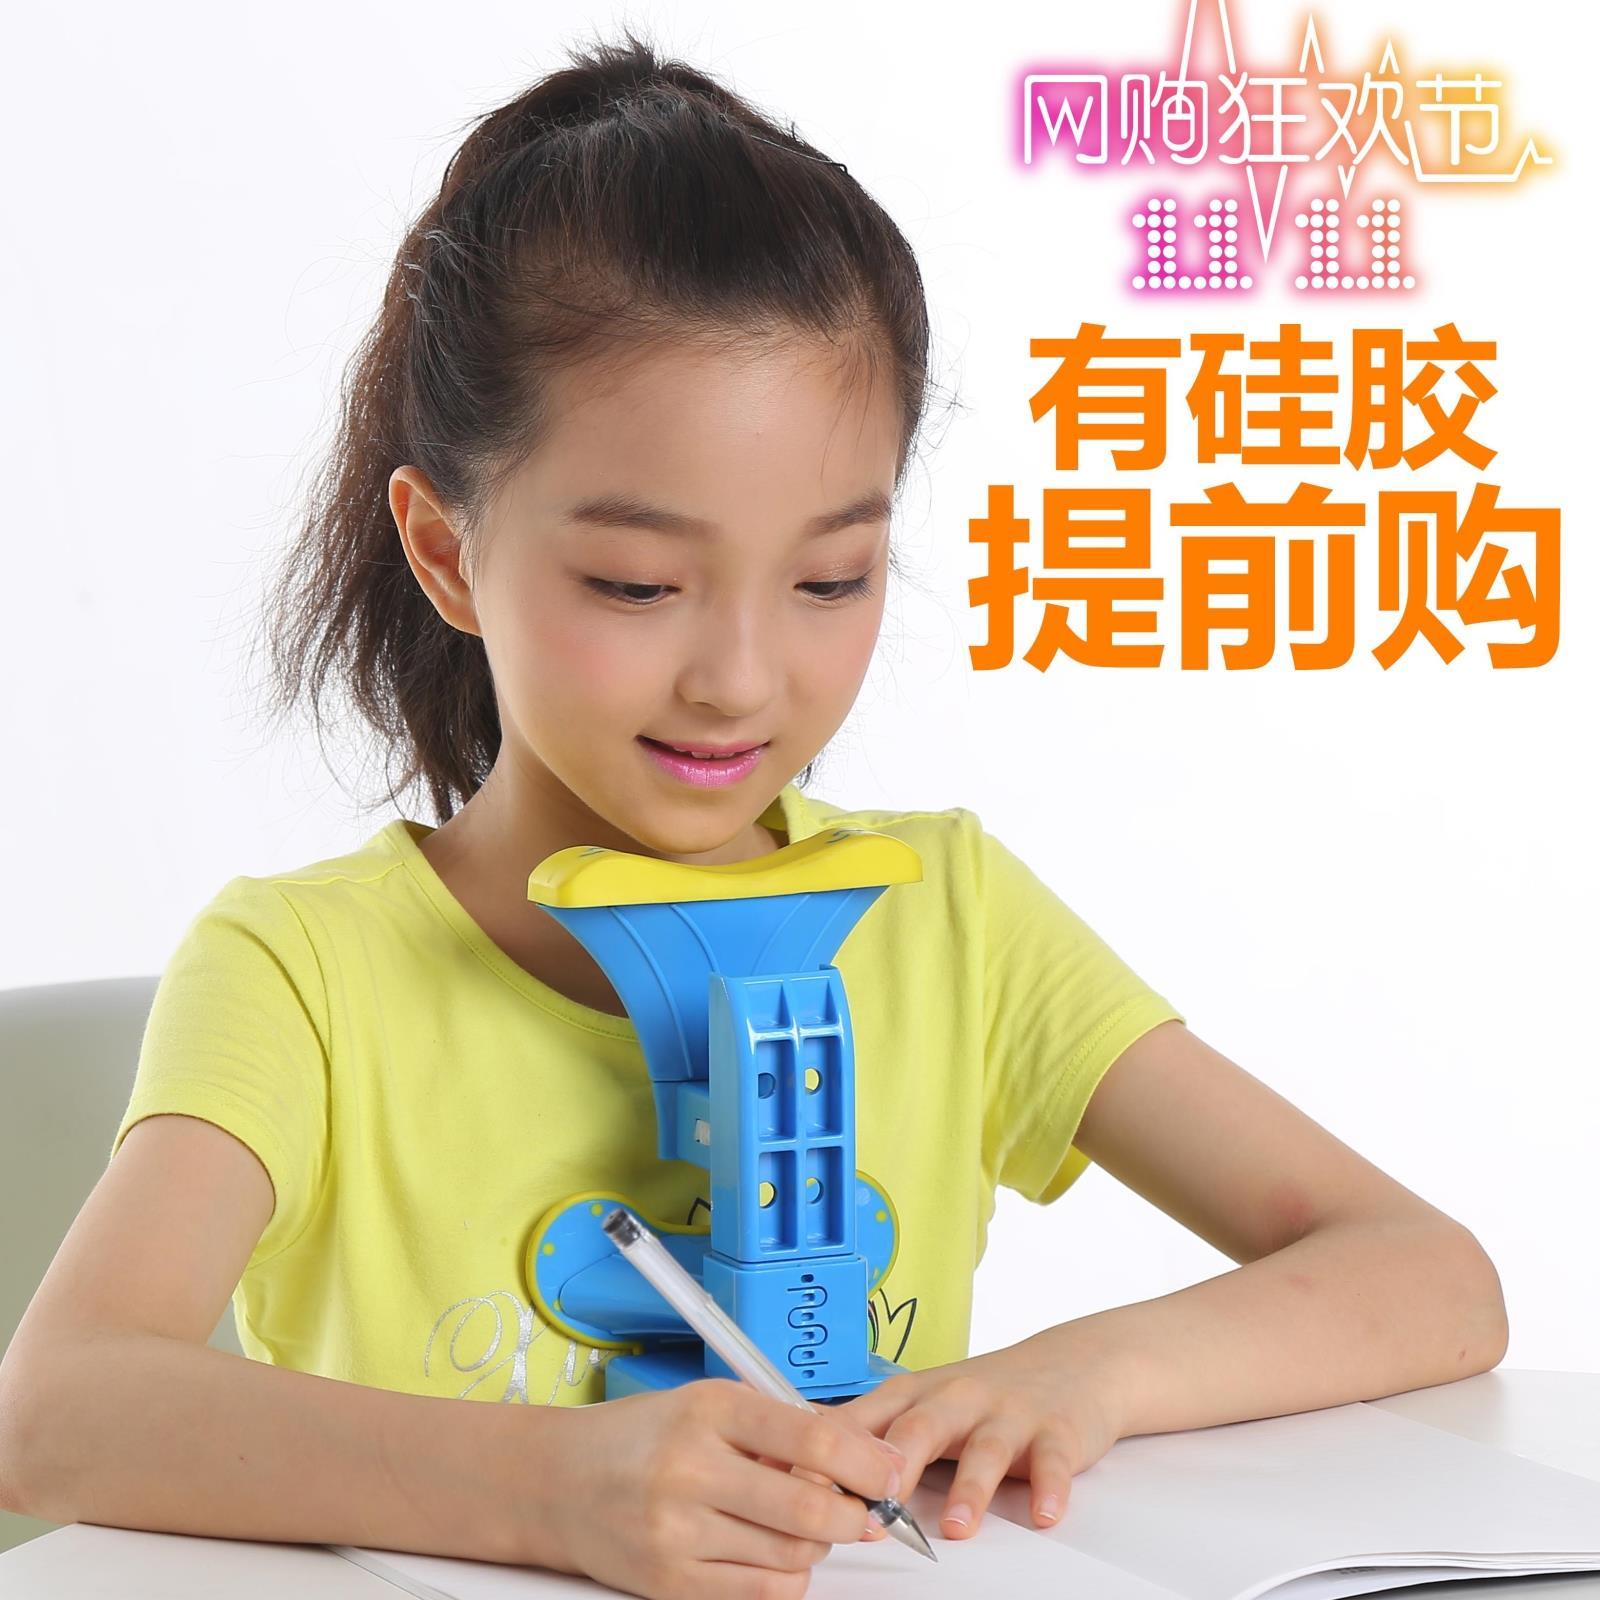 Ребенок видение защитник продвижение anti-близорукость ученик anti-близорукость сидящий исправлять положительный устройство правильный положительный запись поза инструмент полка